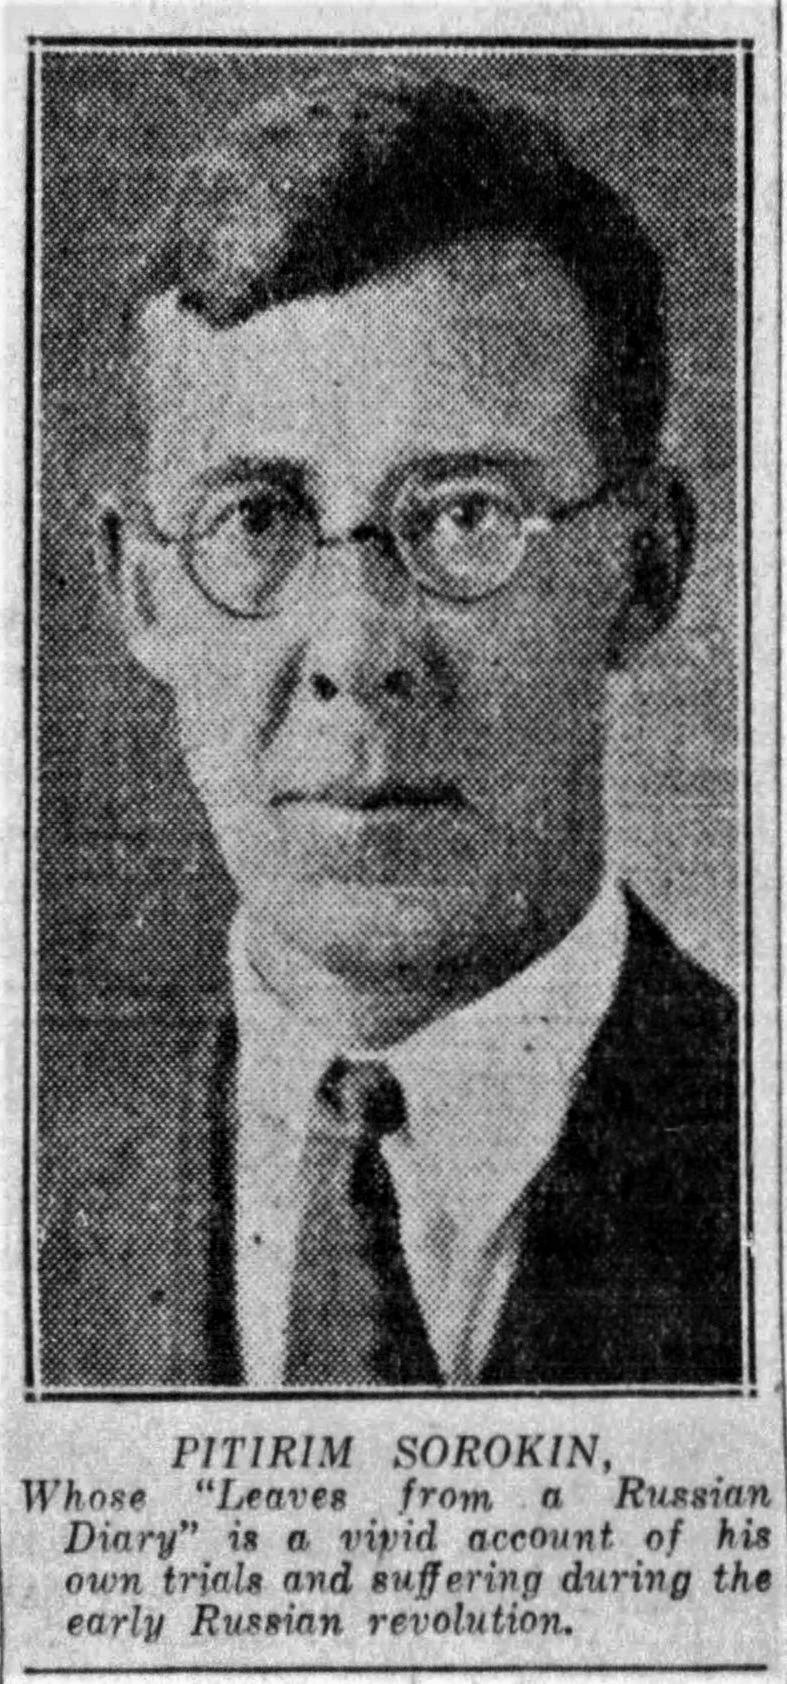 Pitirim A. Sorokin 1926.jpg